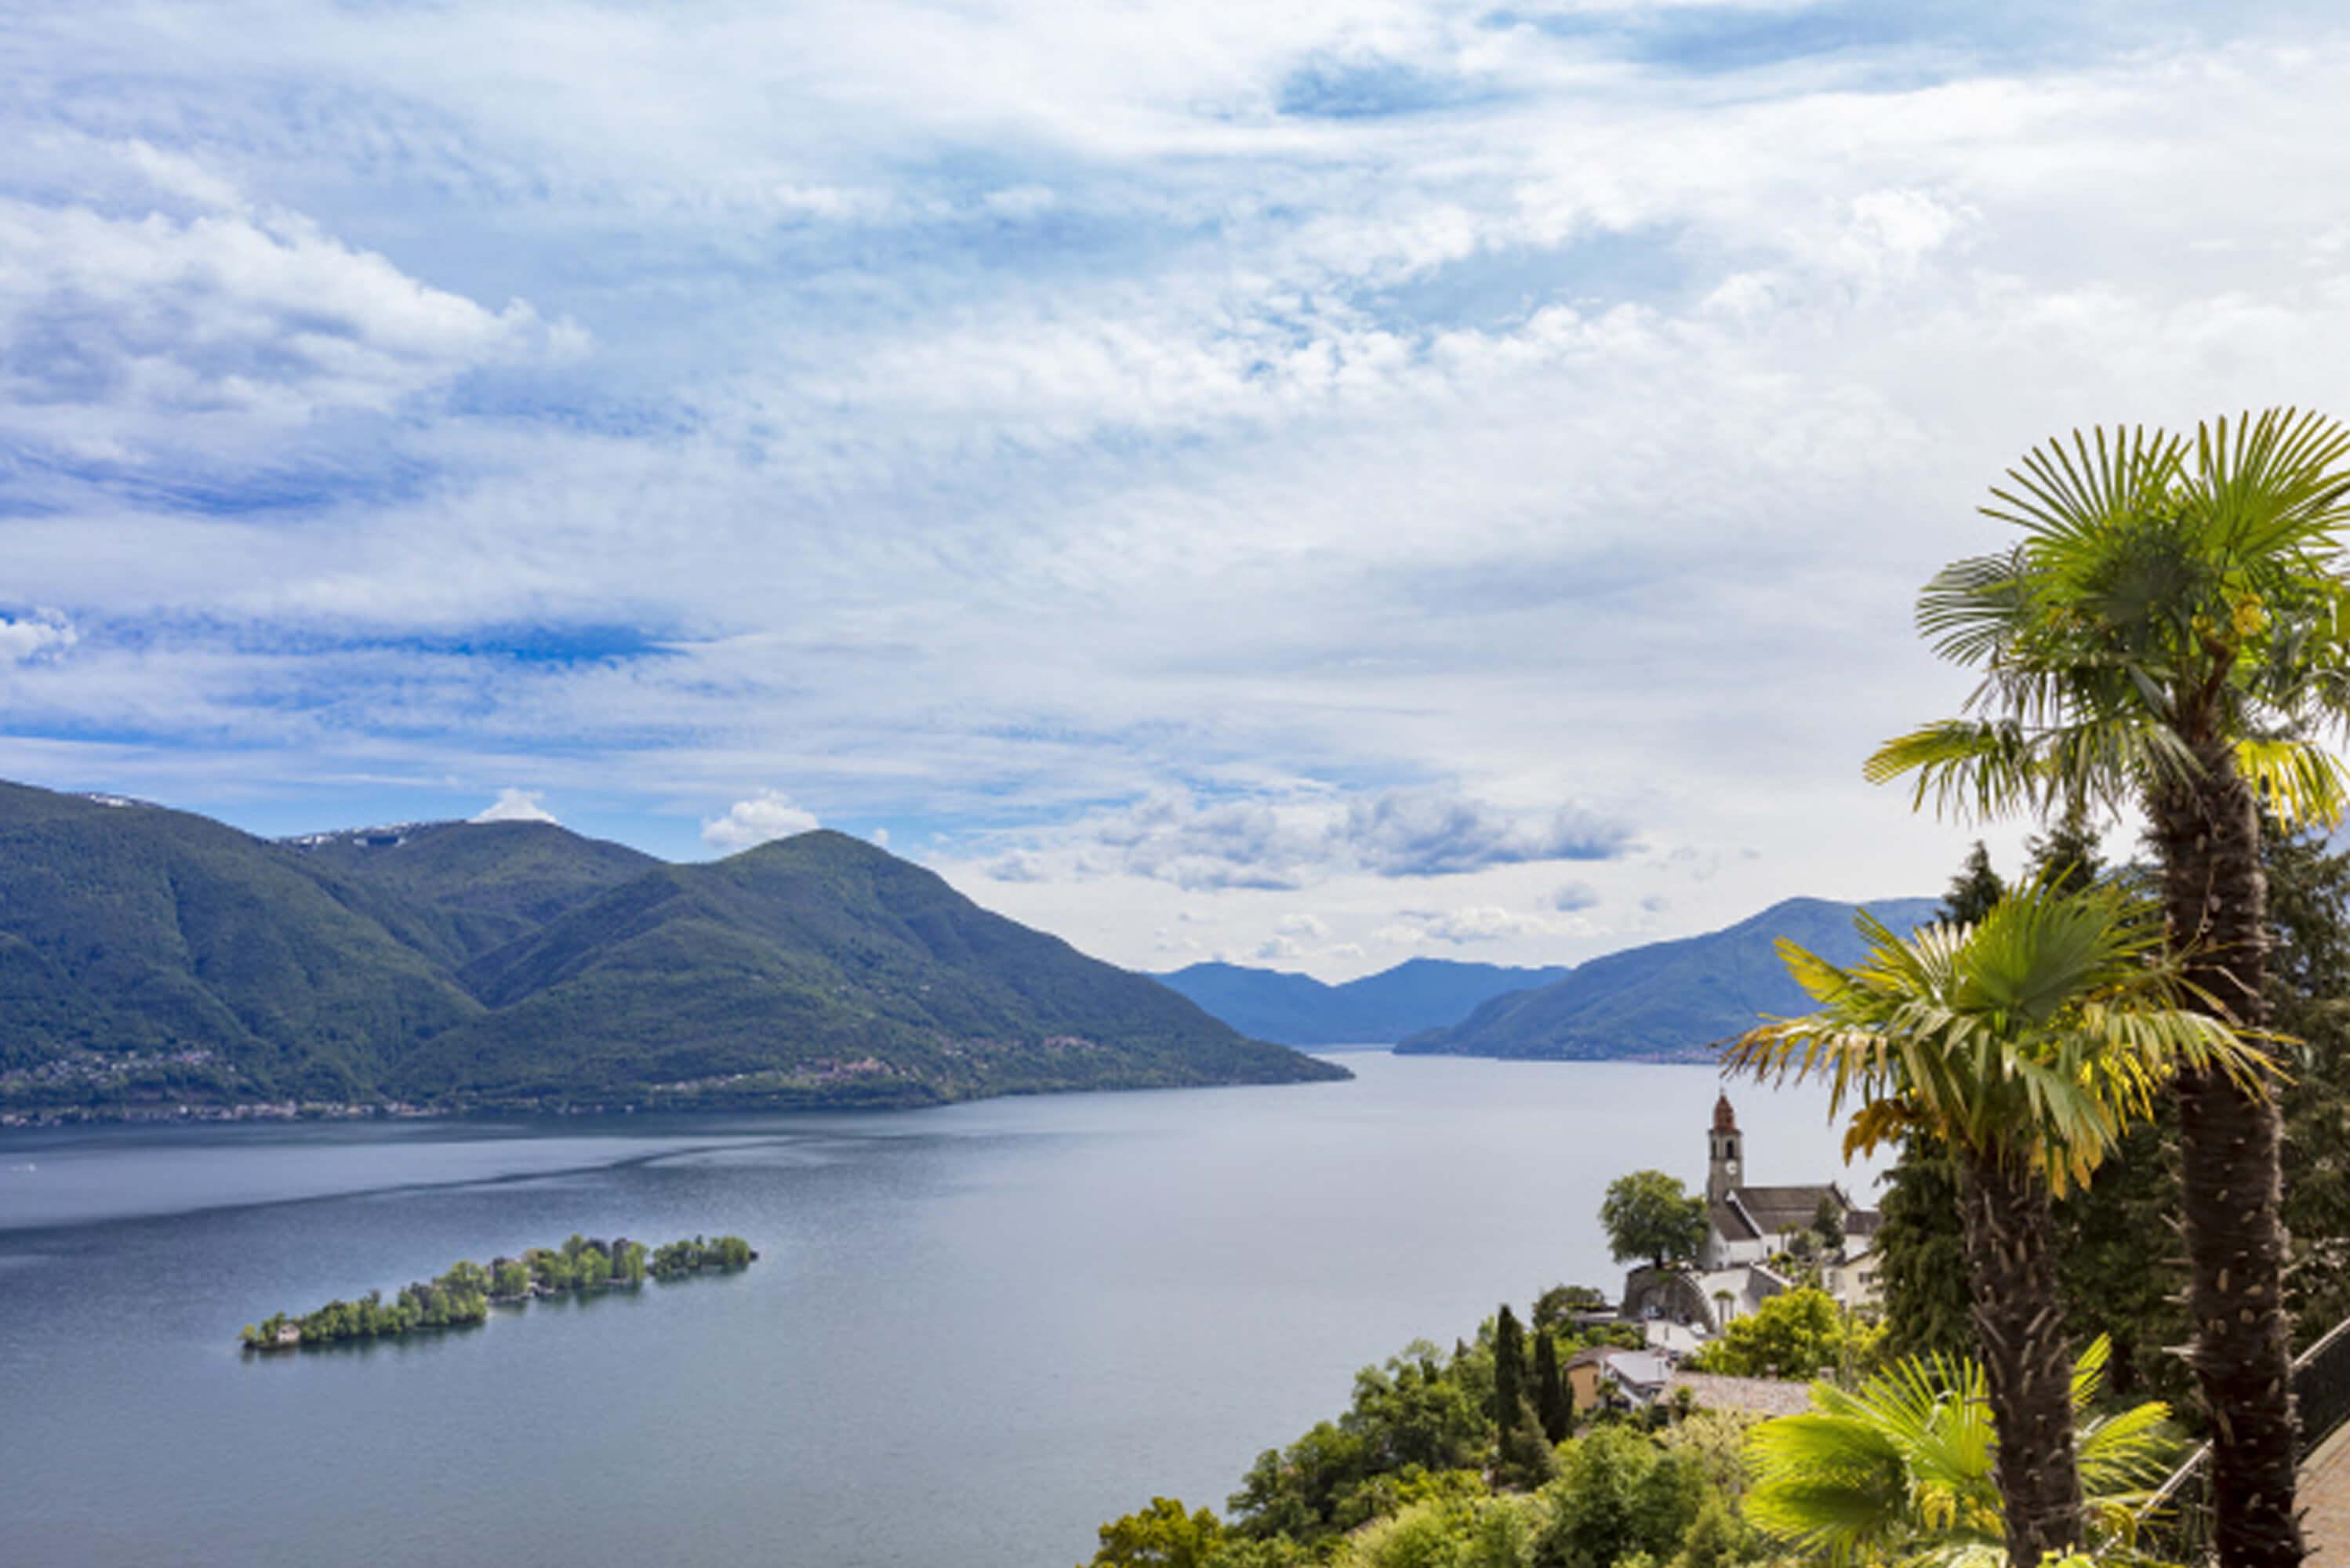 Isole-di-Brissago-da-Ronco-sopra-Ascona